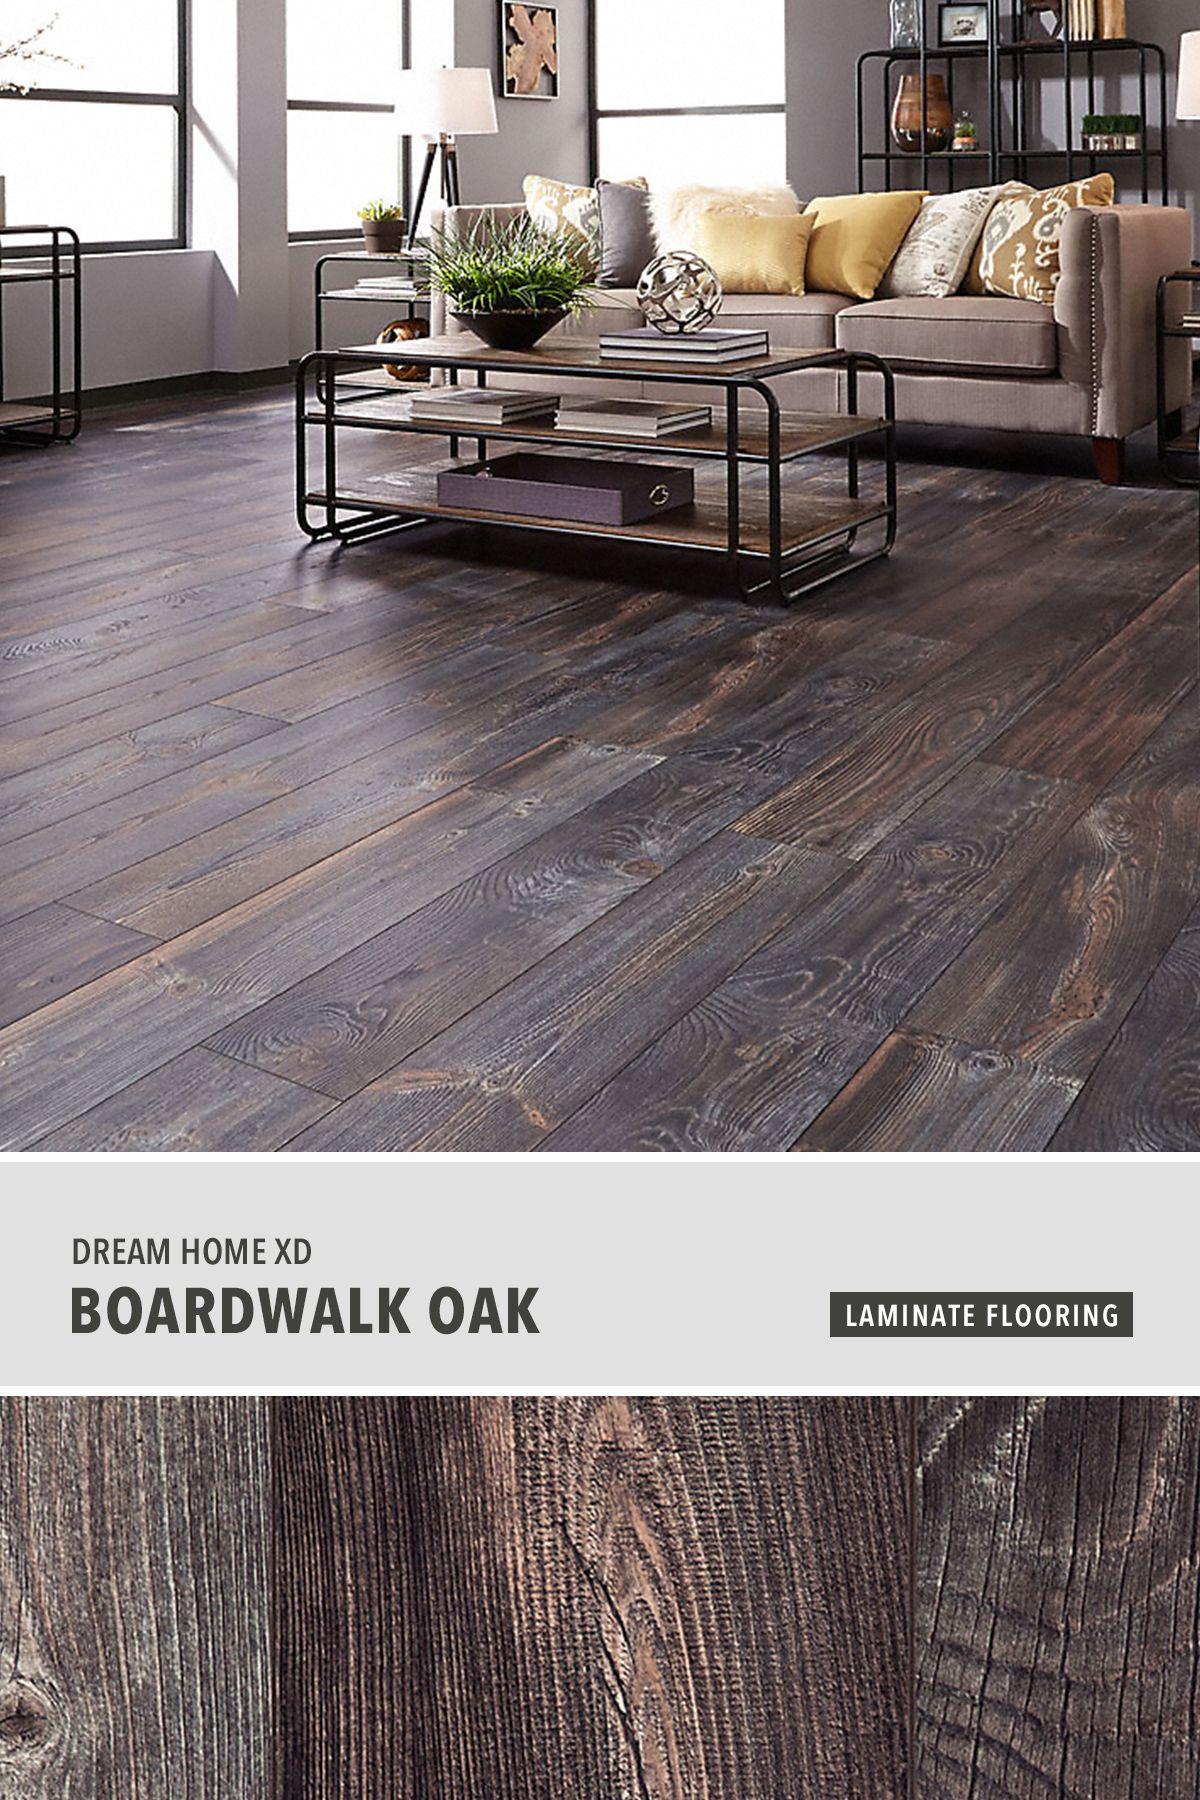 Dream Home Xd 12mm Boardwalk Oak Laminate Flooring In 2020